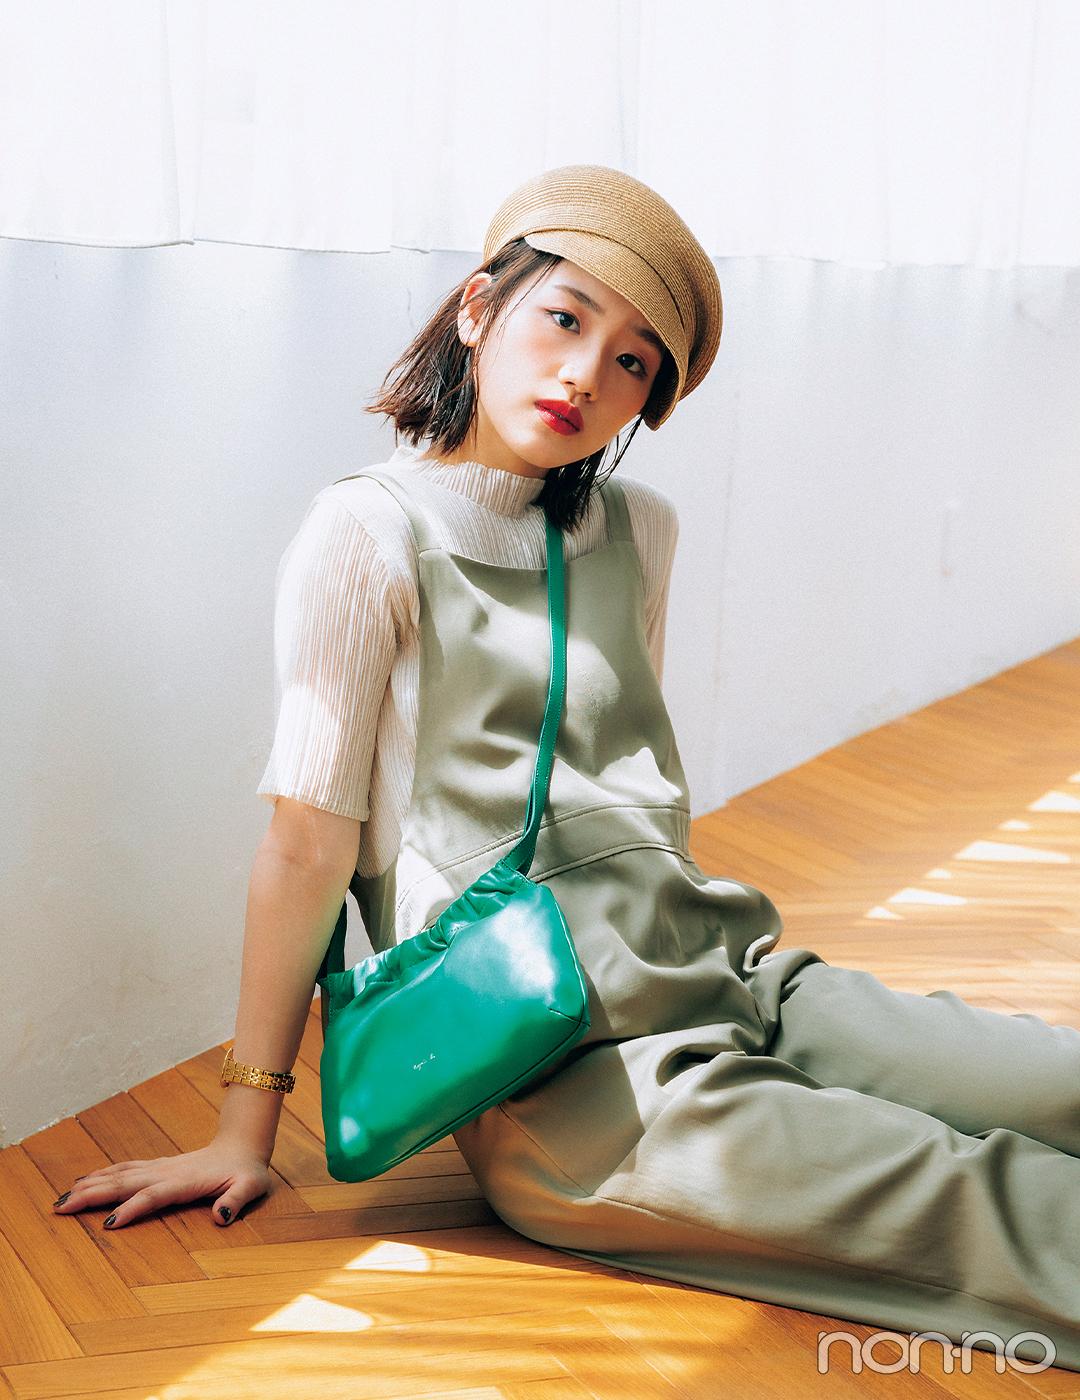 ラフなサロペットコーデにグリーンのバッグでアクセントを効かせて【大学生の毎日コーデ】